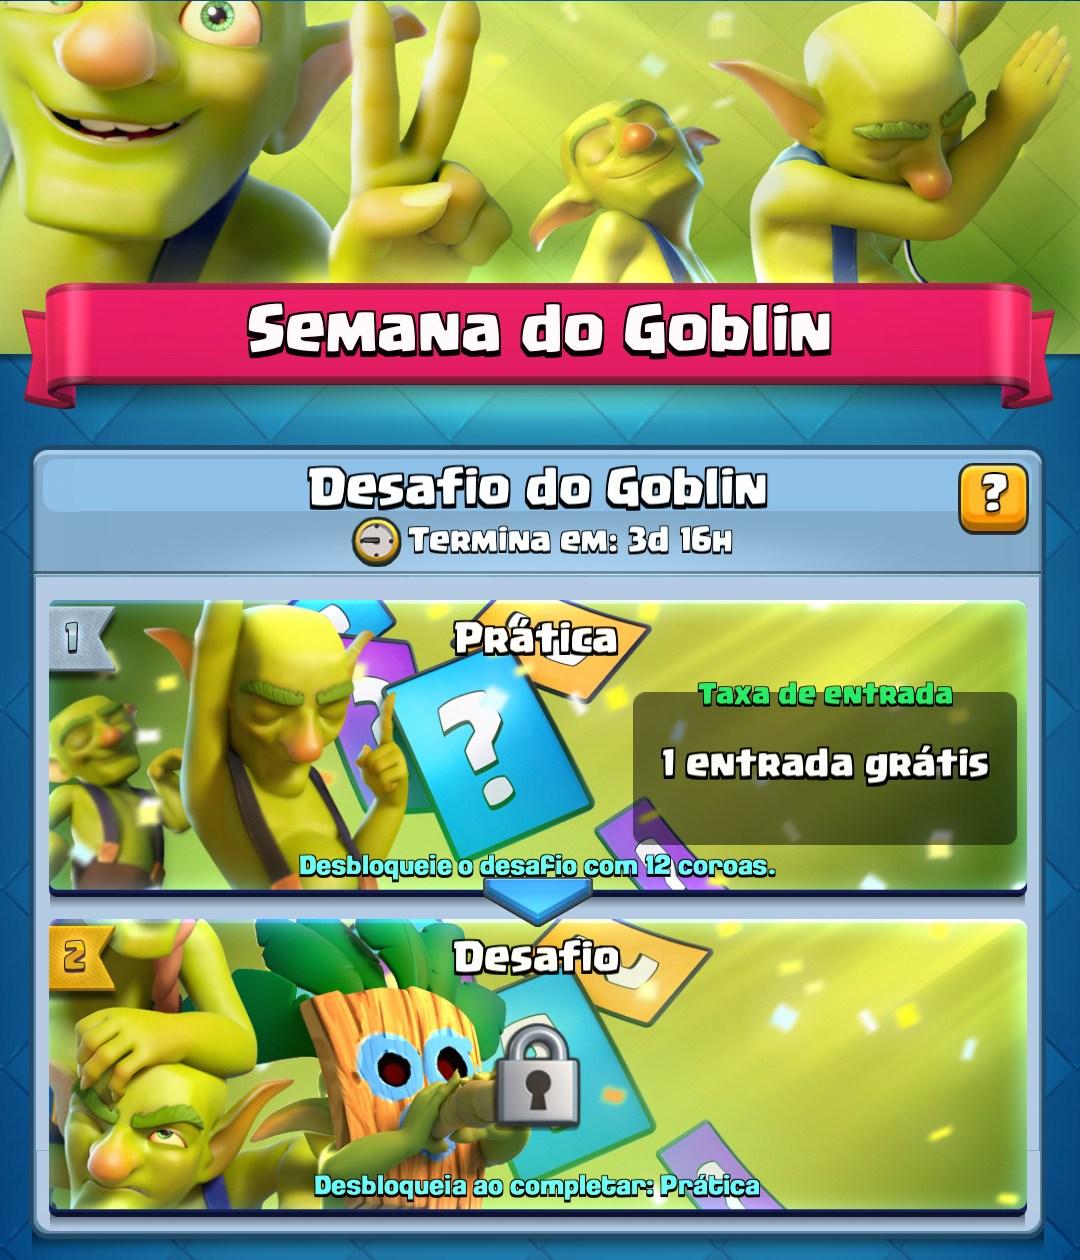 Semana do Goblin com Desafio especial (Info + Decks) - 1